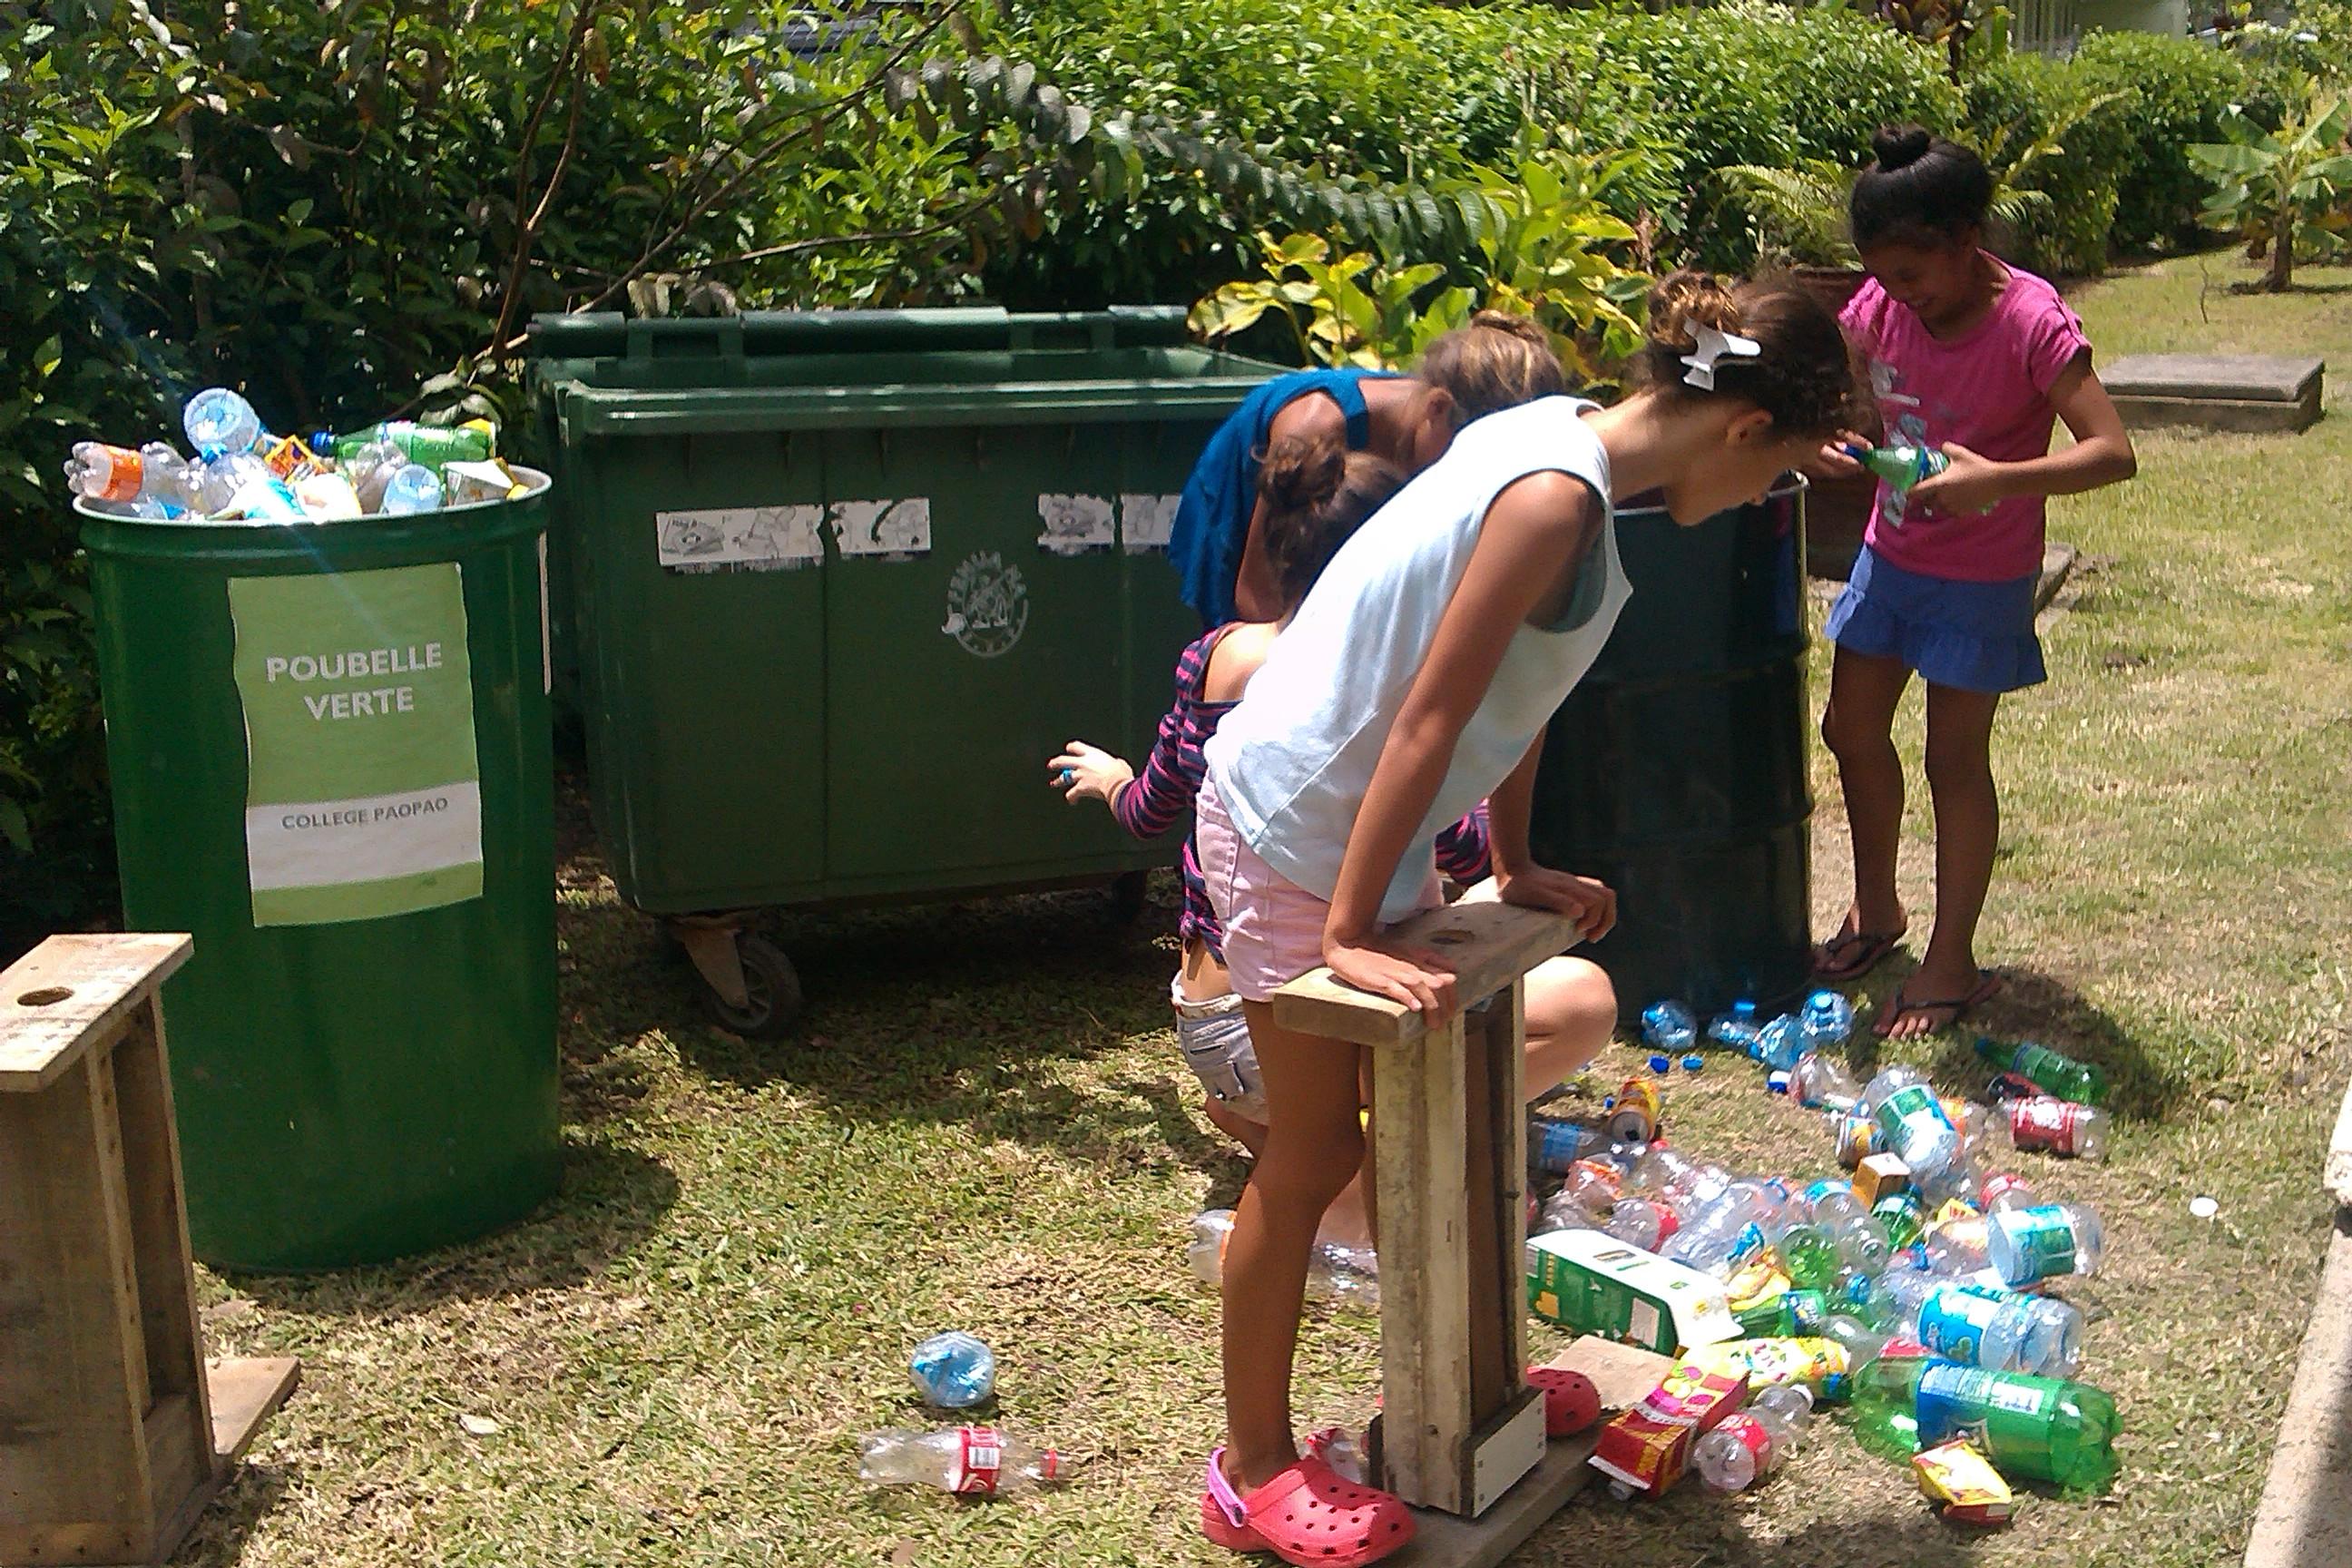 """Le compactage des bouteilles avec les """"compactors"""" fabriqués par le collège à partir de matériaux recyclés"""